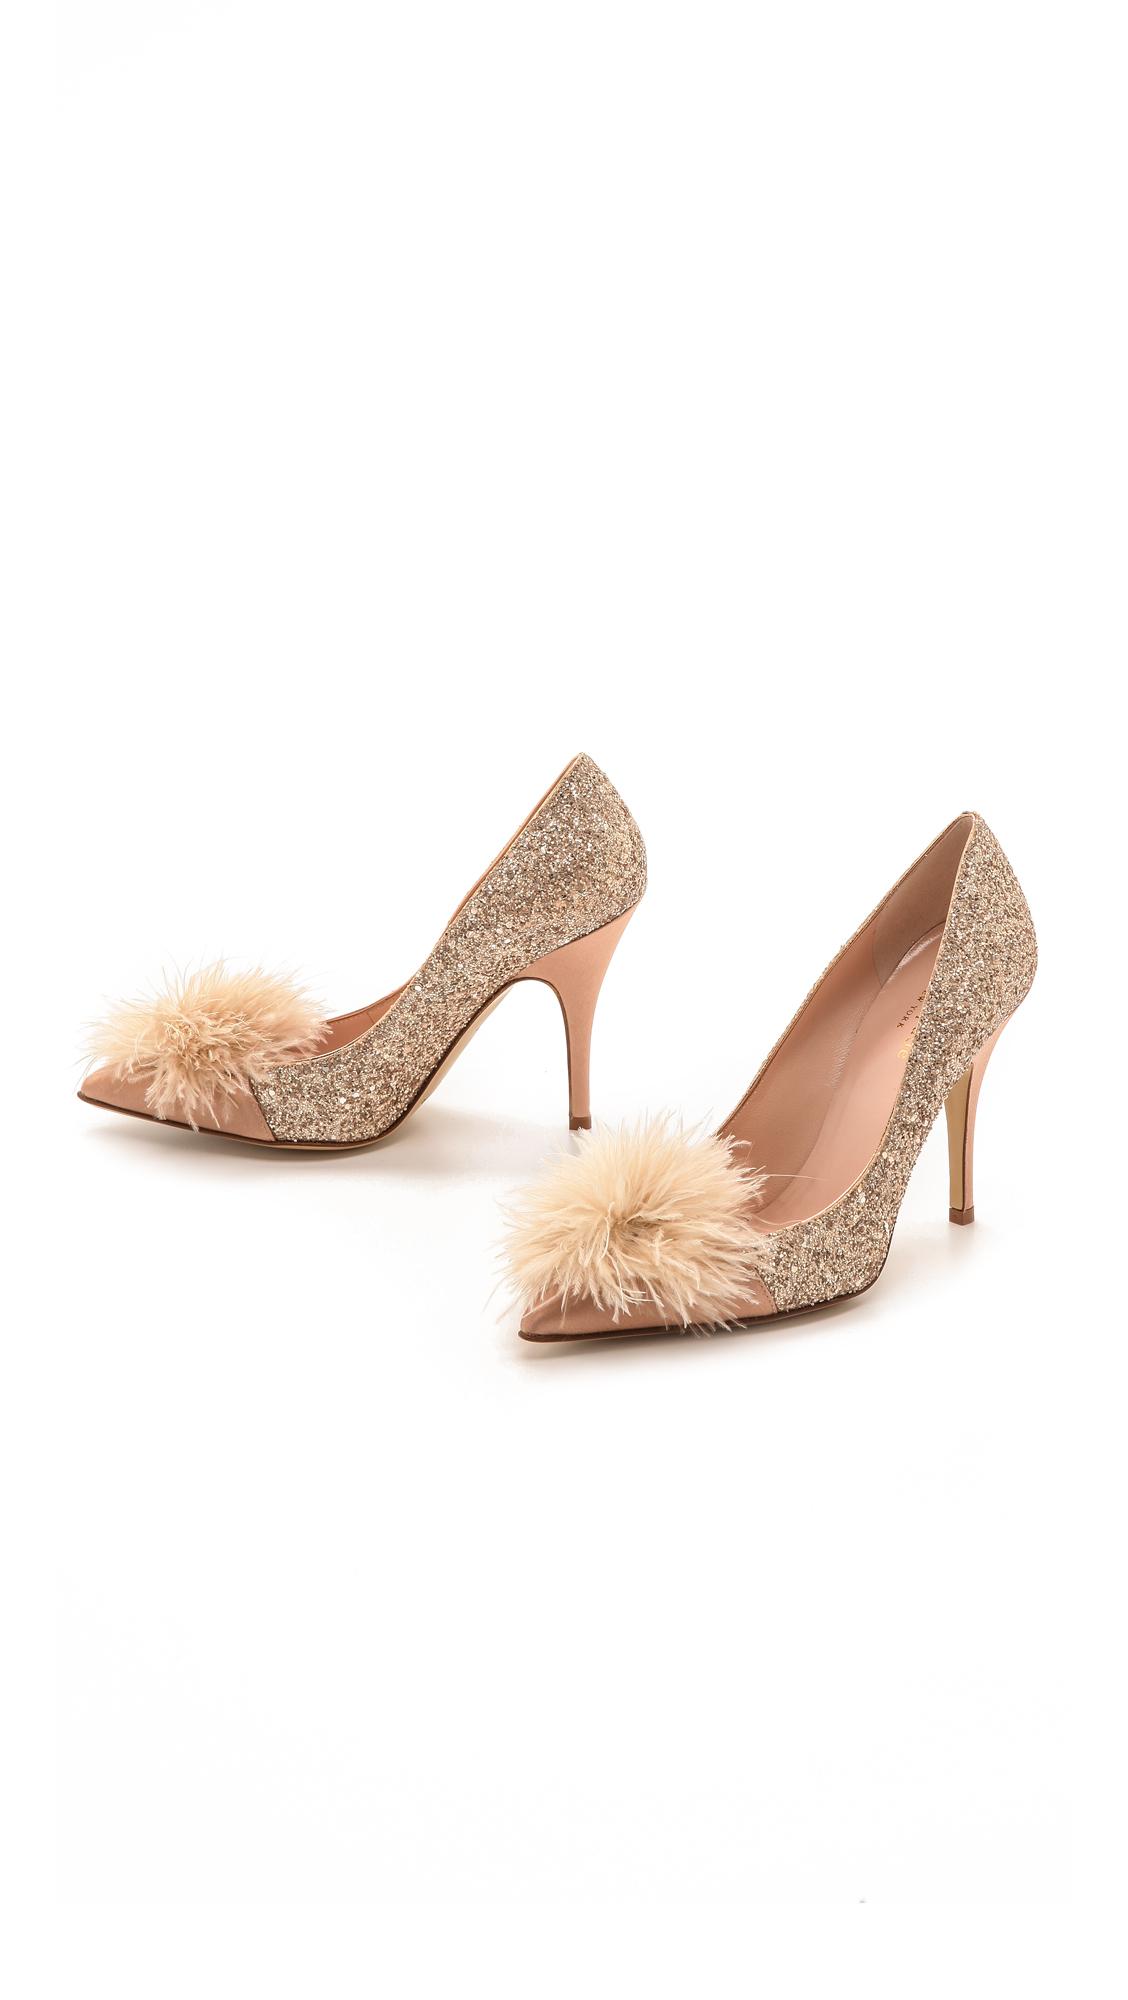 Lola Cruz Shoes Sizing